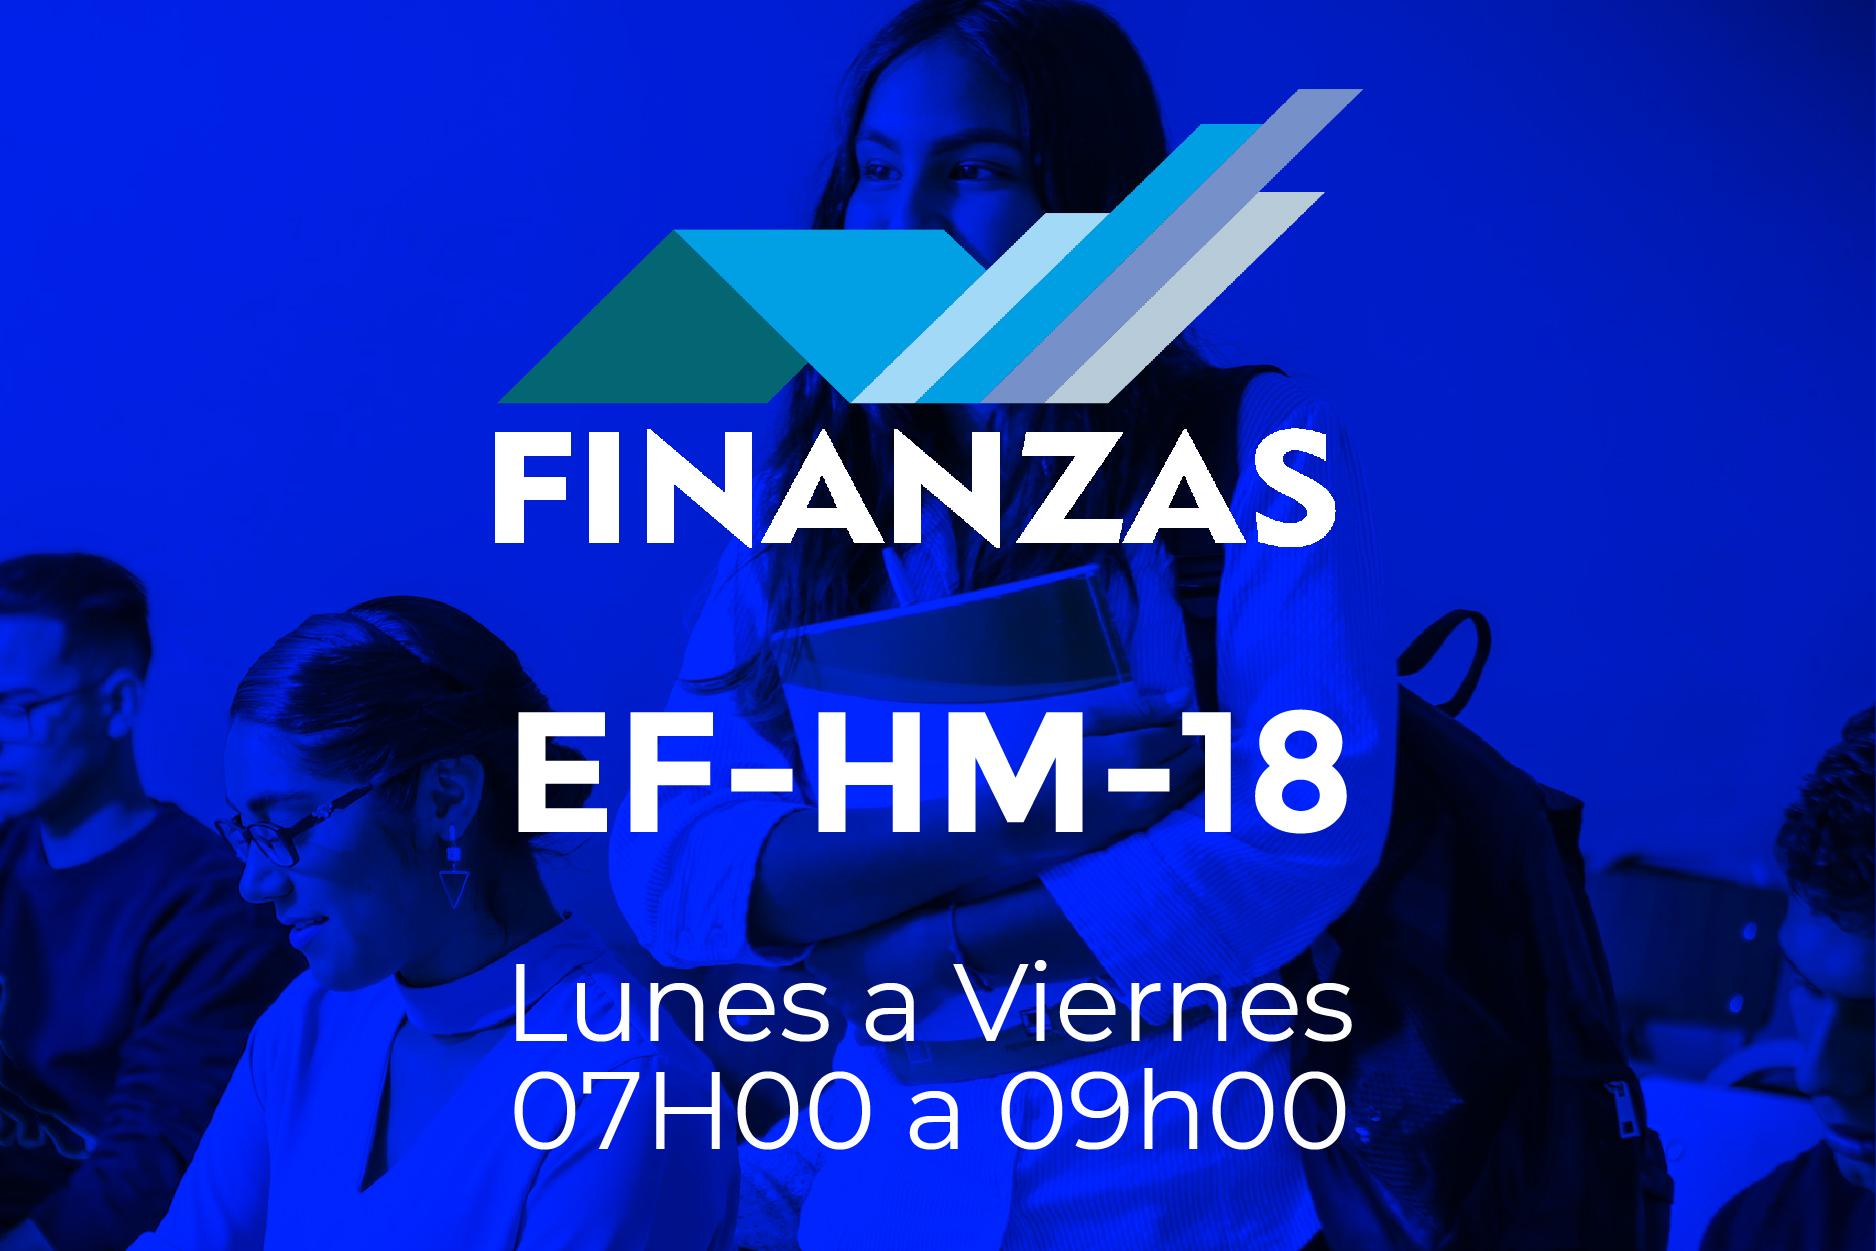 18 - FINANZAS - LUNES A VIERNES - 07:00 A 09:00